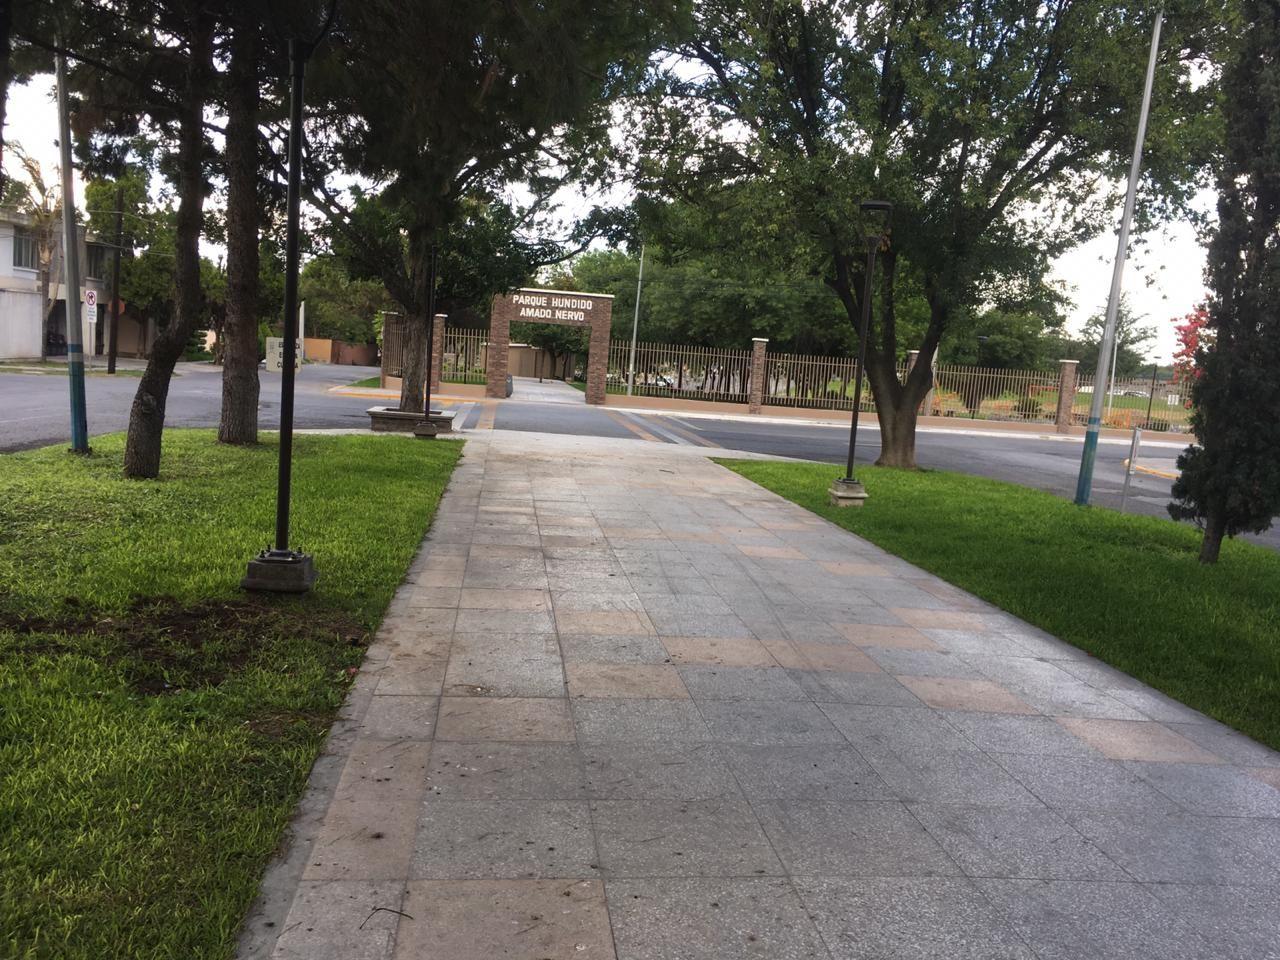 Ave Sor Juana Inés De La Cruz El Parque Lineal De La Ave Sor Juana Inés De La Cruz Al Oriente De La Torre Termina En Parques Lineales Parques Tanque De